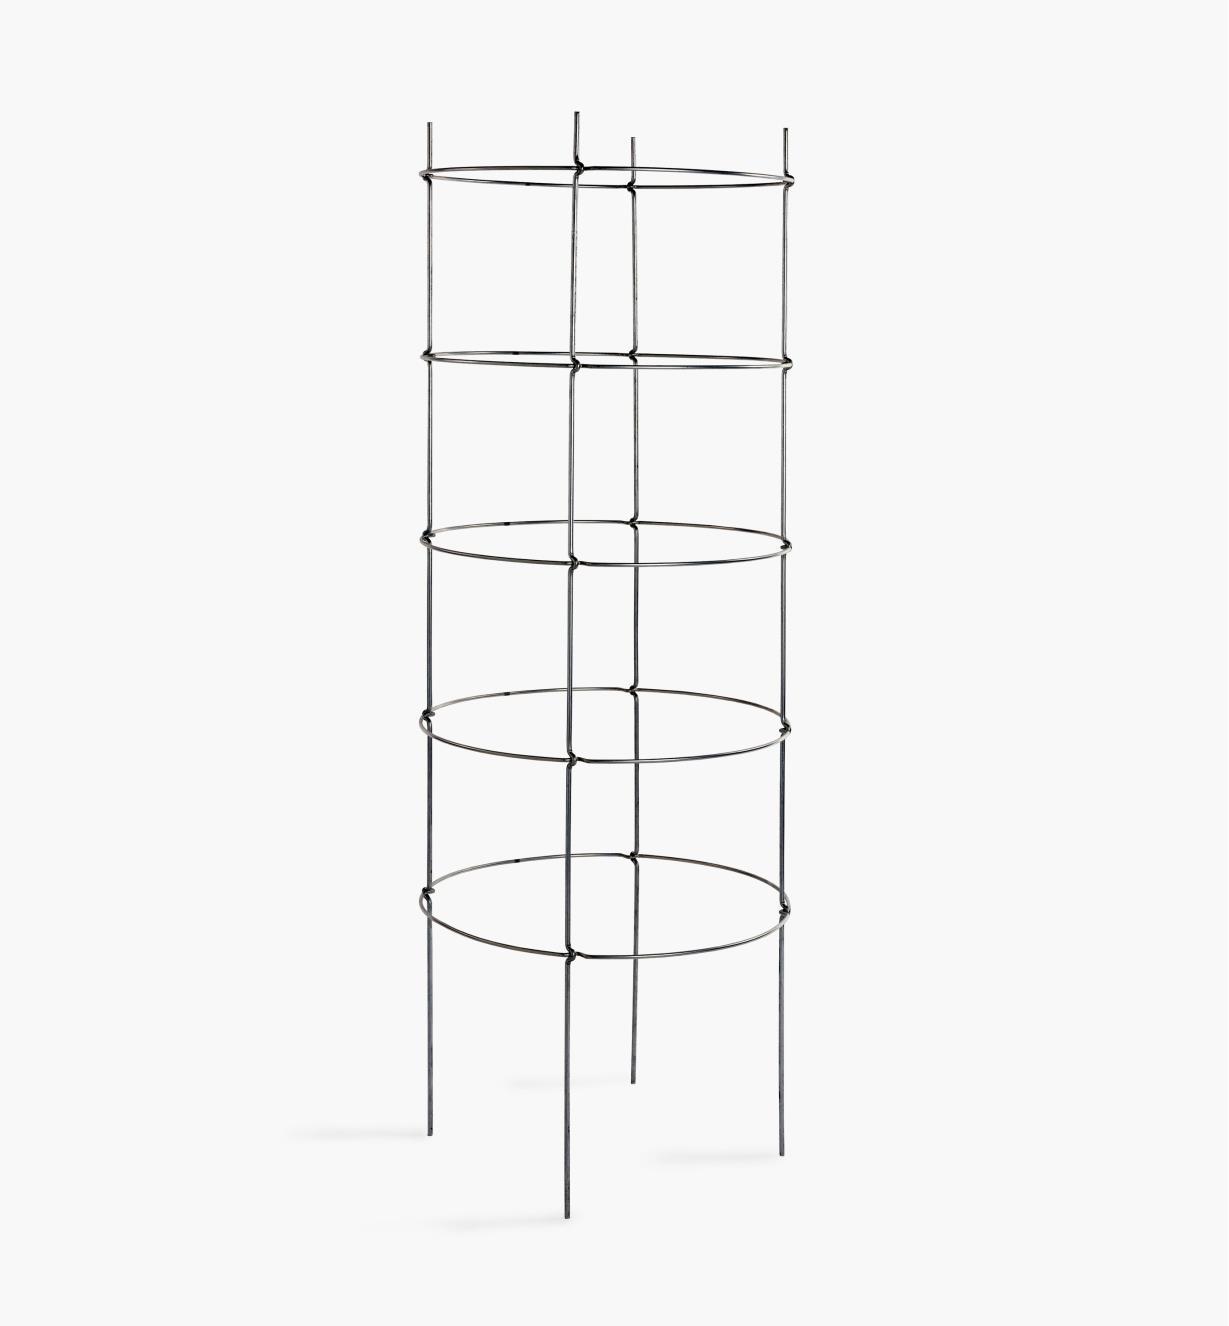 XM130 - Folding Tomato Cage